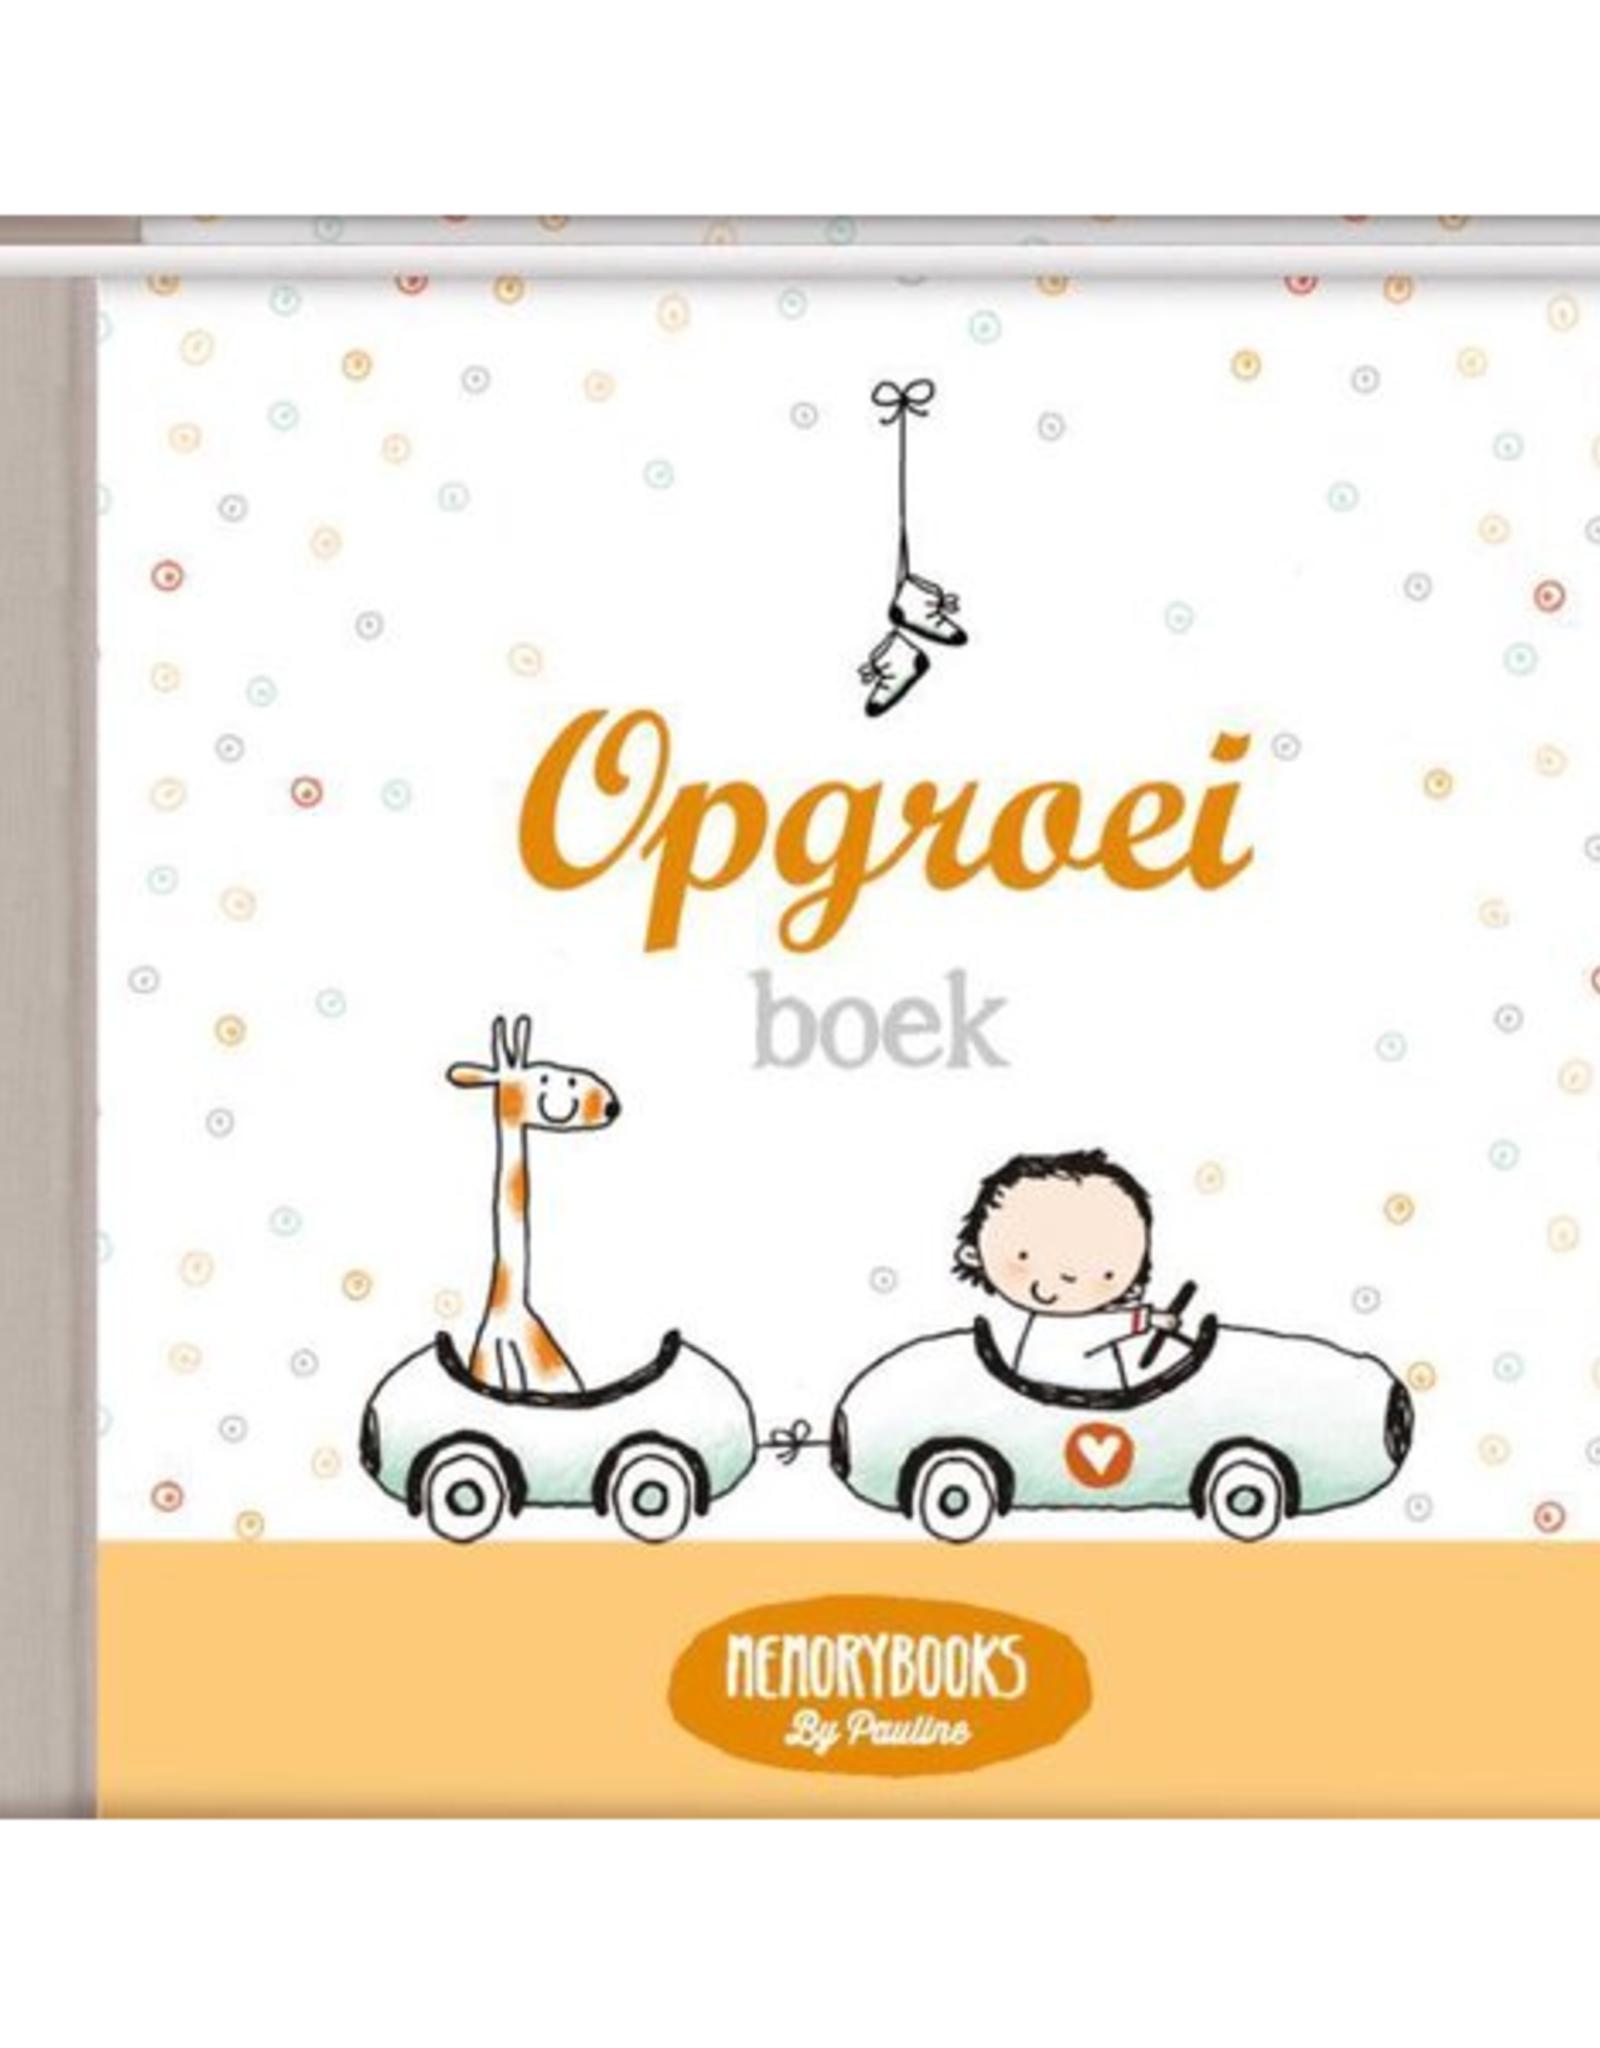 Pauline Oud Memorybooks by Pauline - Opgroeiboek 1t/m 4 Jaar